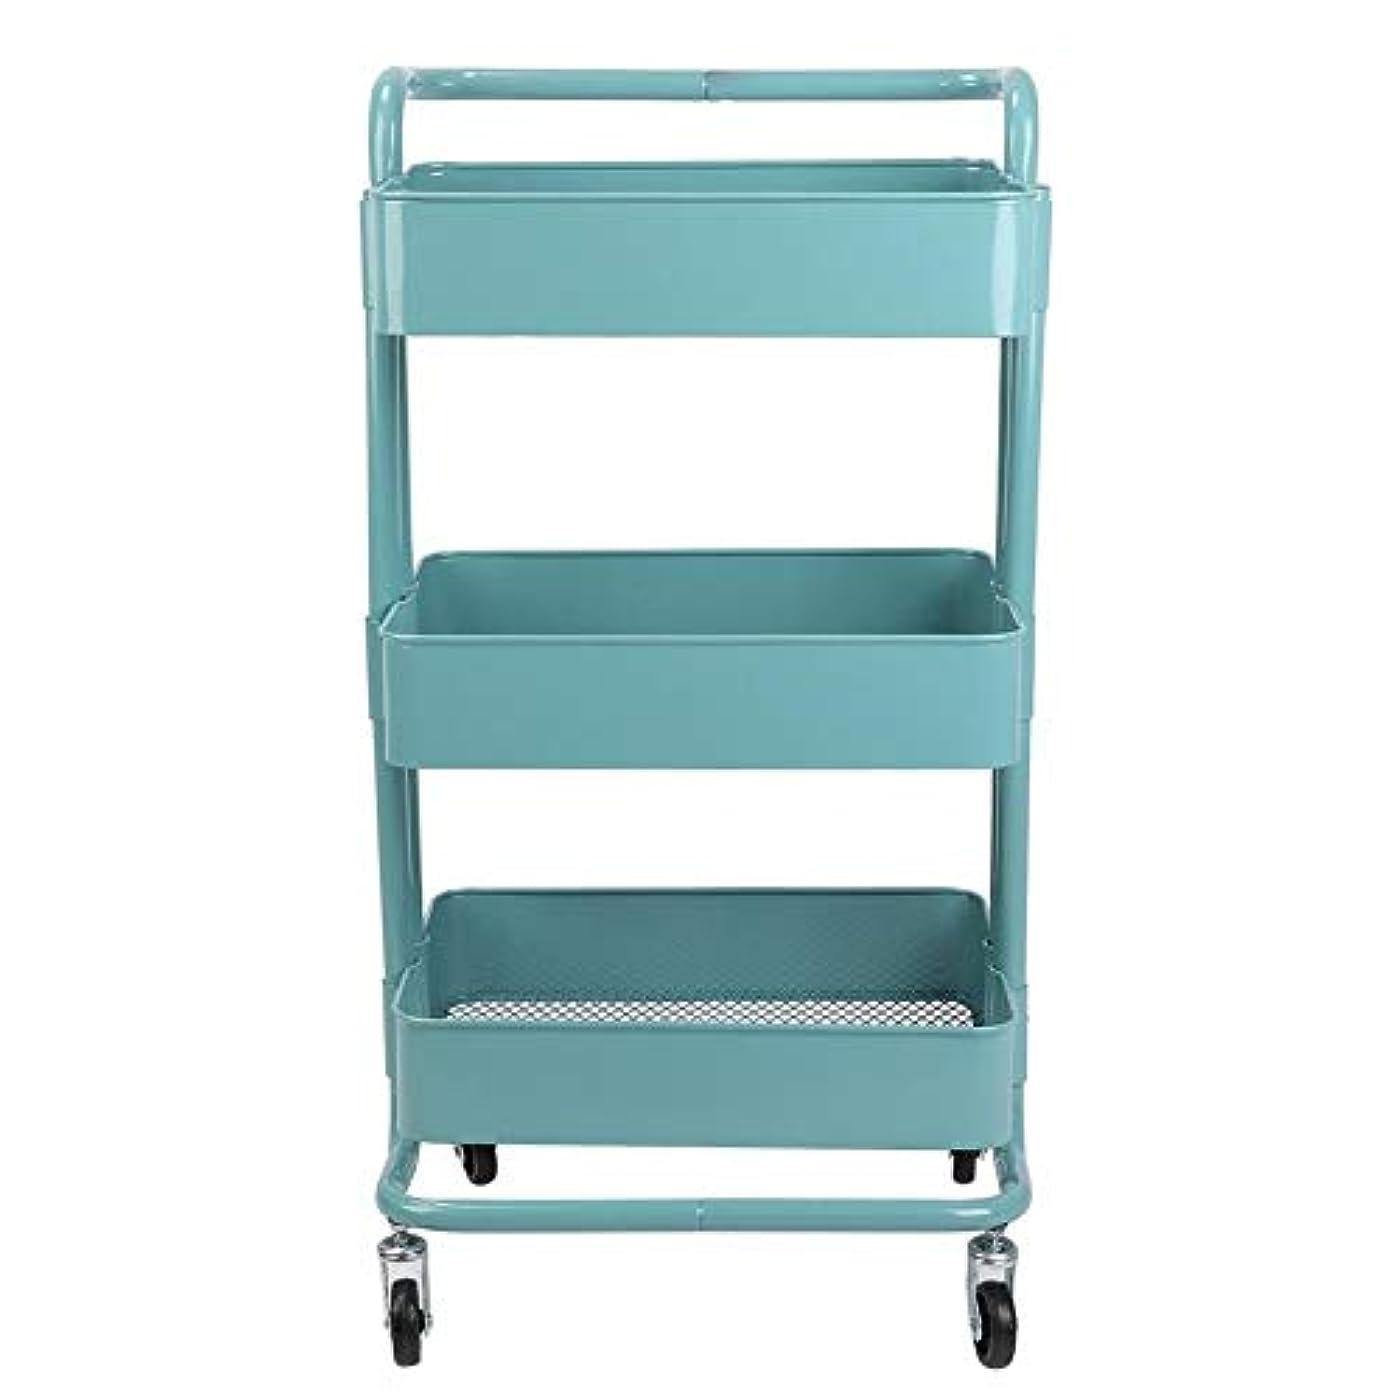 シチリア六硬さトロリーカート、3つの層の金属の車輪の貯蔵の棚は美容院のために移動可能です